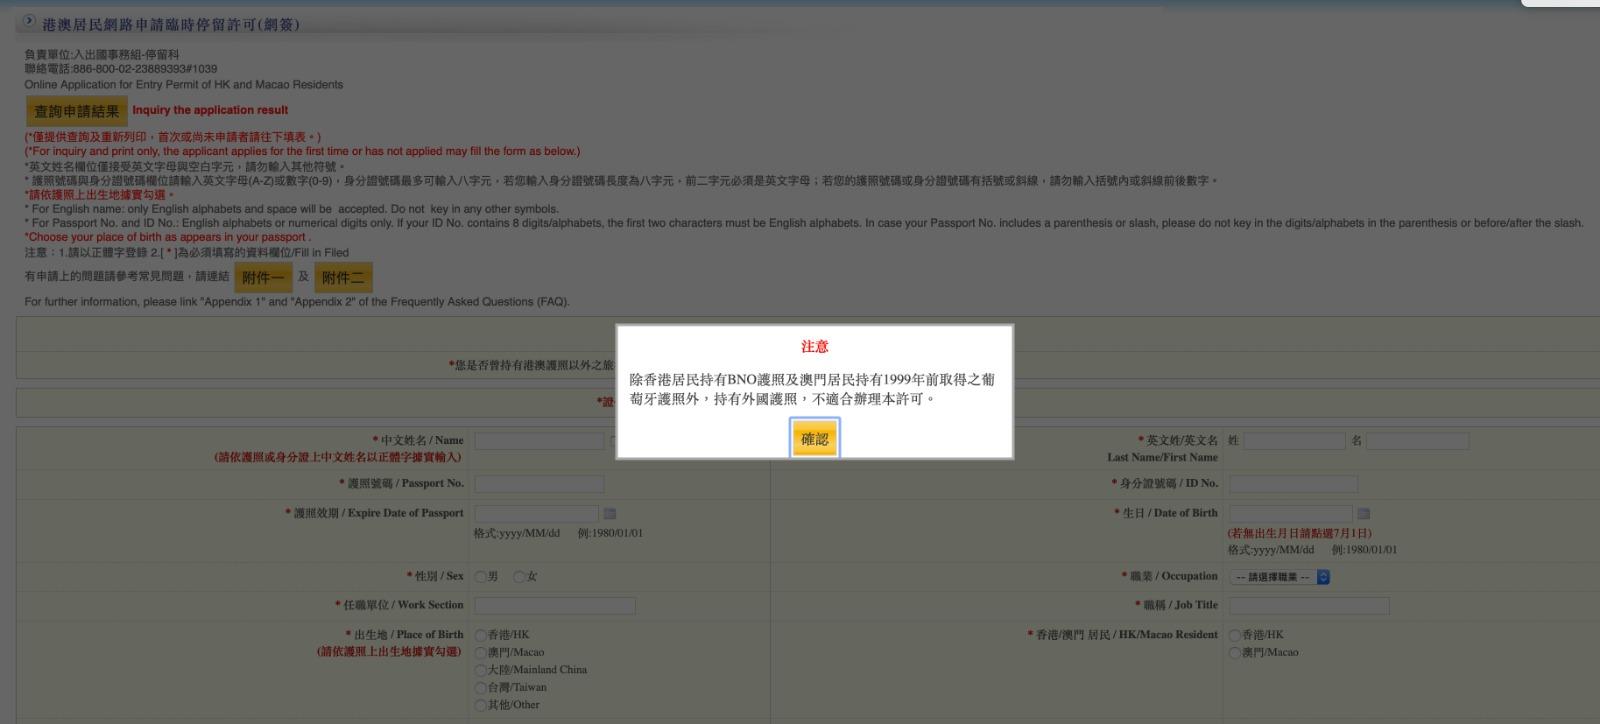 【修例风波】网传收紧港人签证 台方澄清特区护照申入台证政策不变